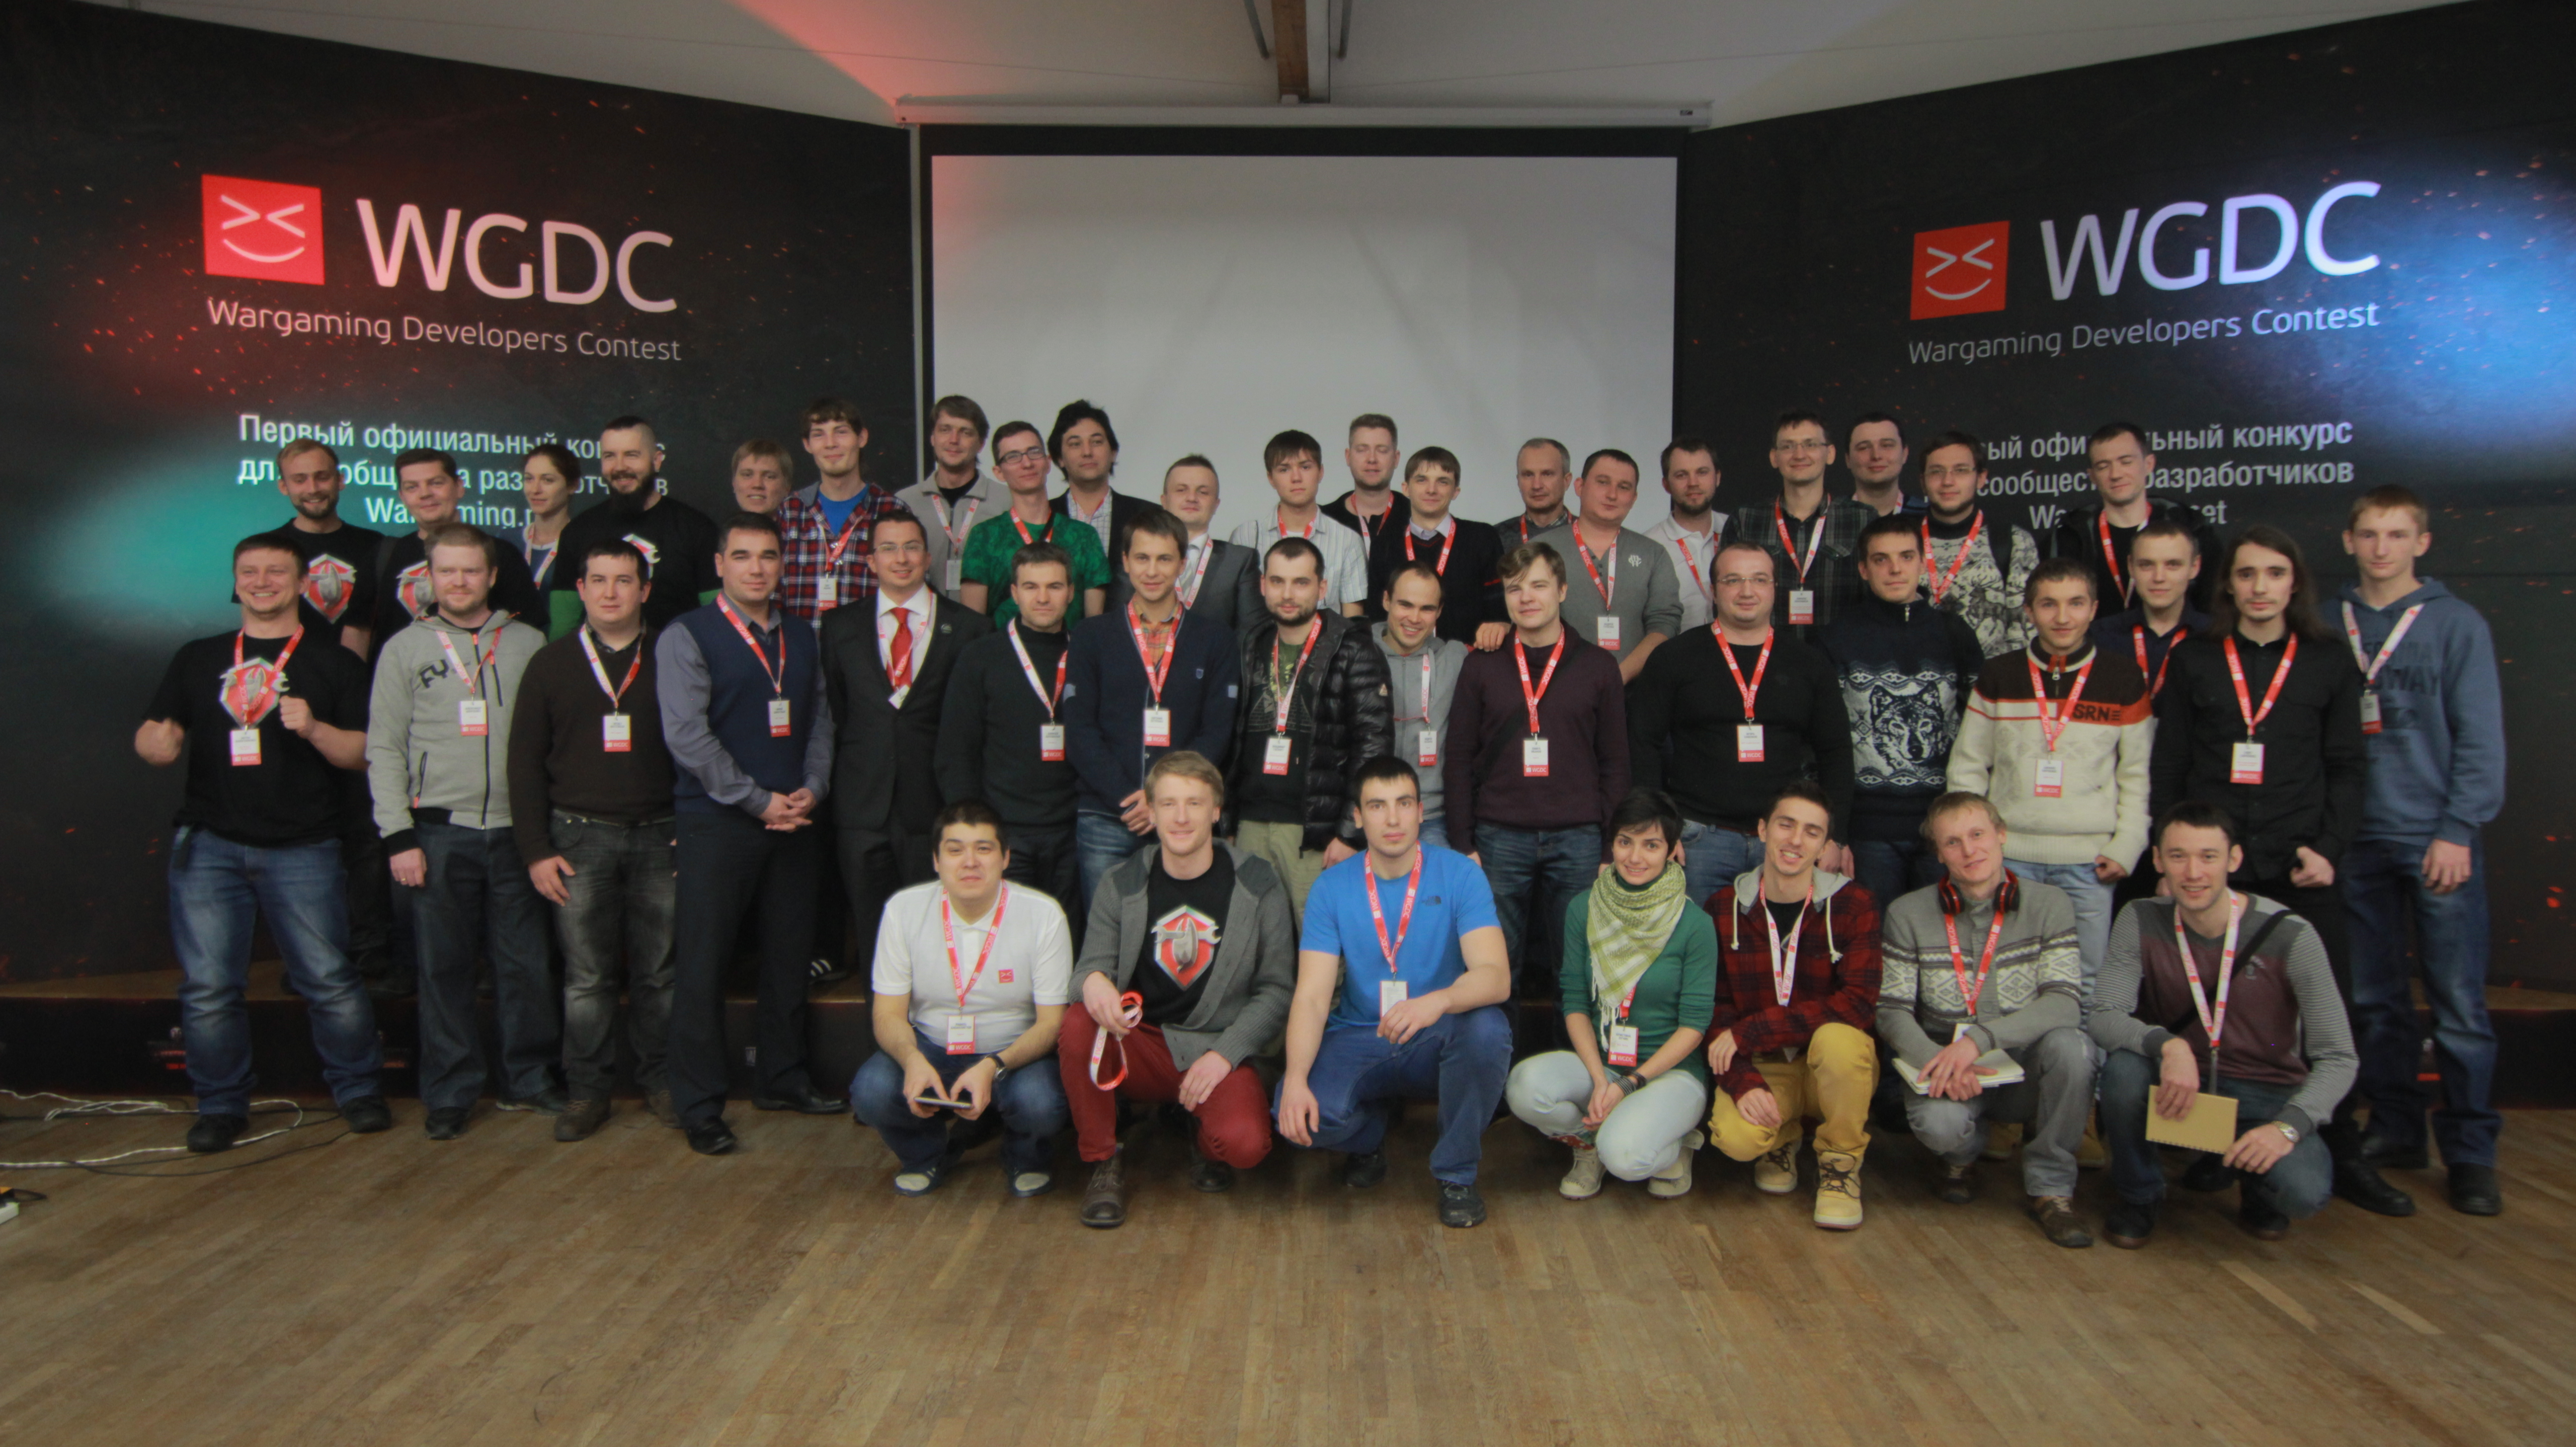 WGN_Photos_WGDC_Conference_Image_28